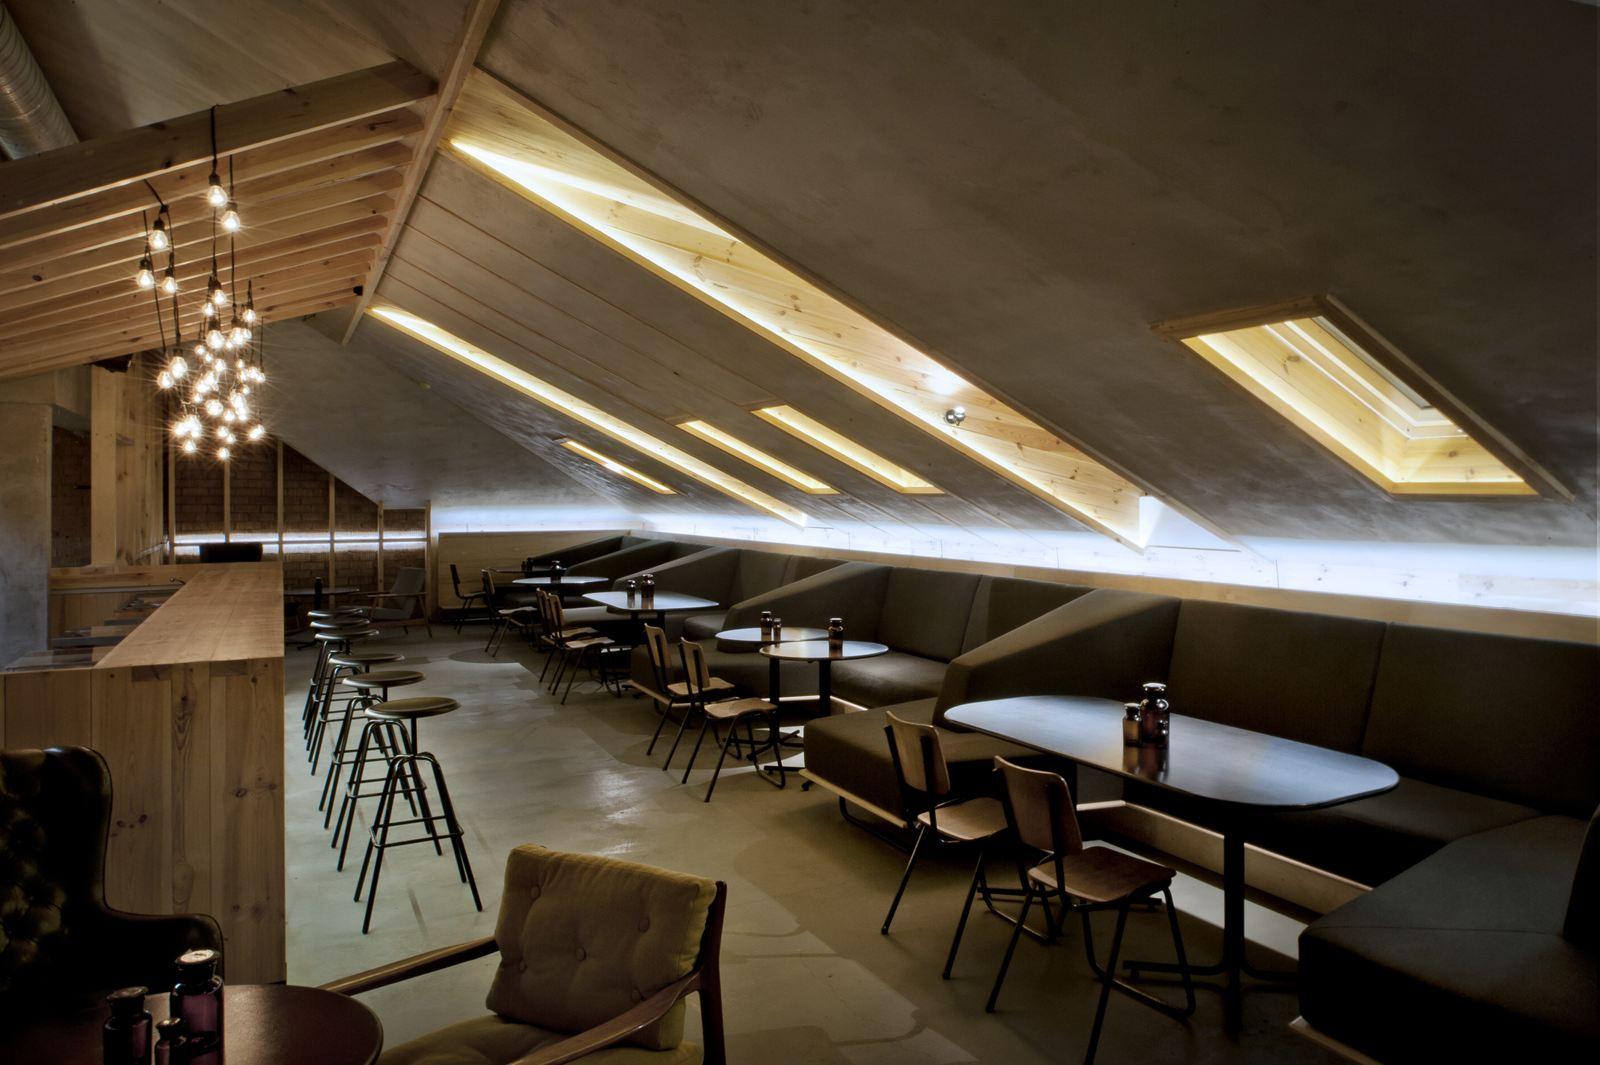 Un bar in mansarda - Mansarda.it